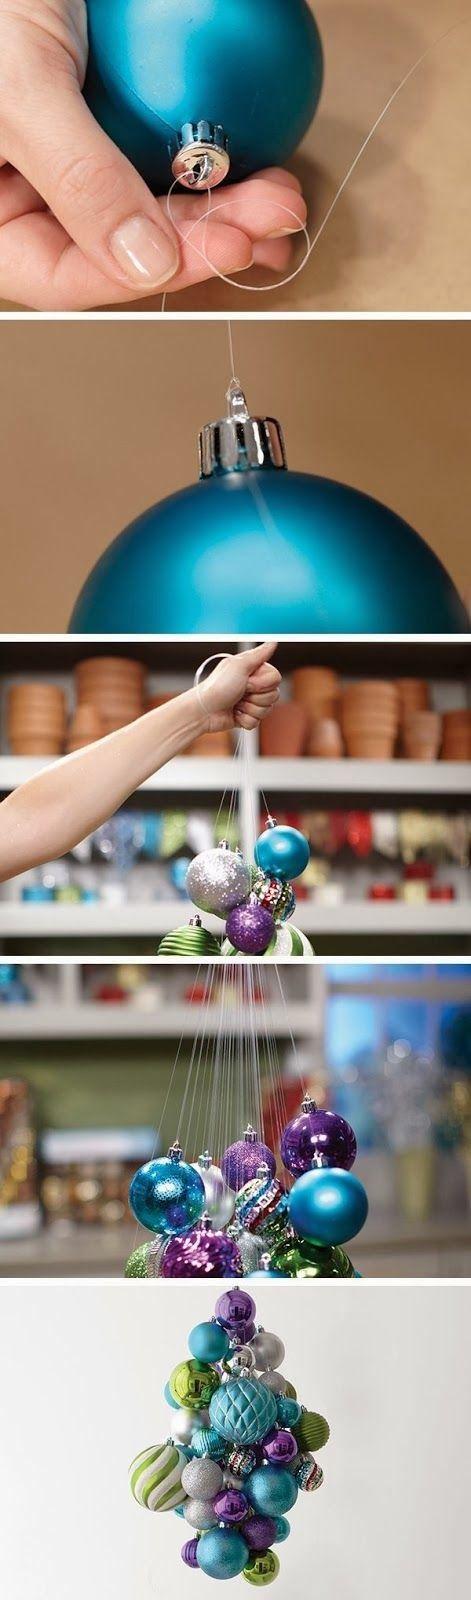 Easy DIY Crafts: New Year Decoration DIY